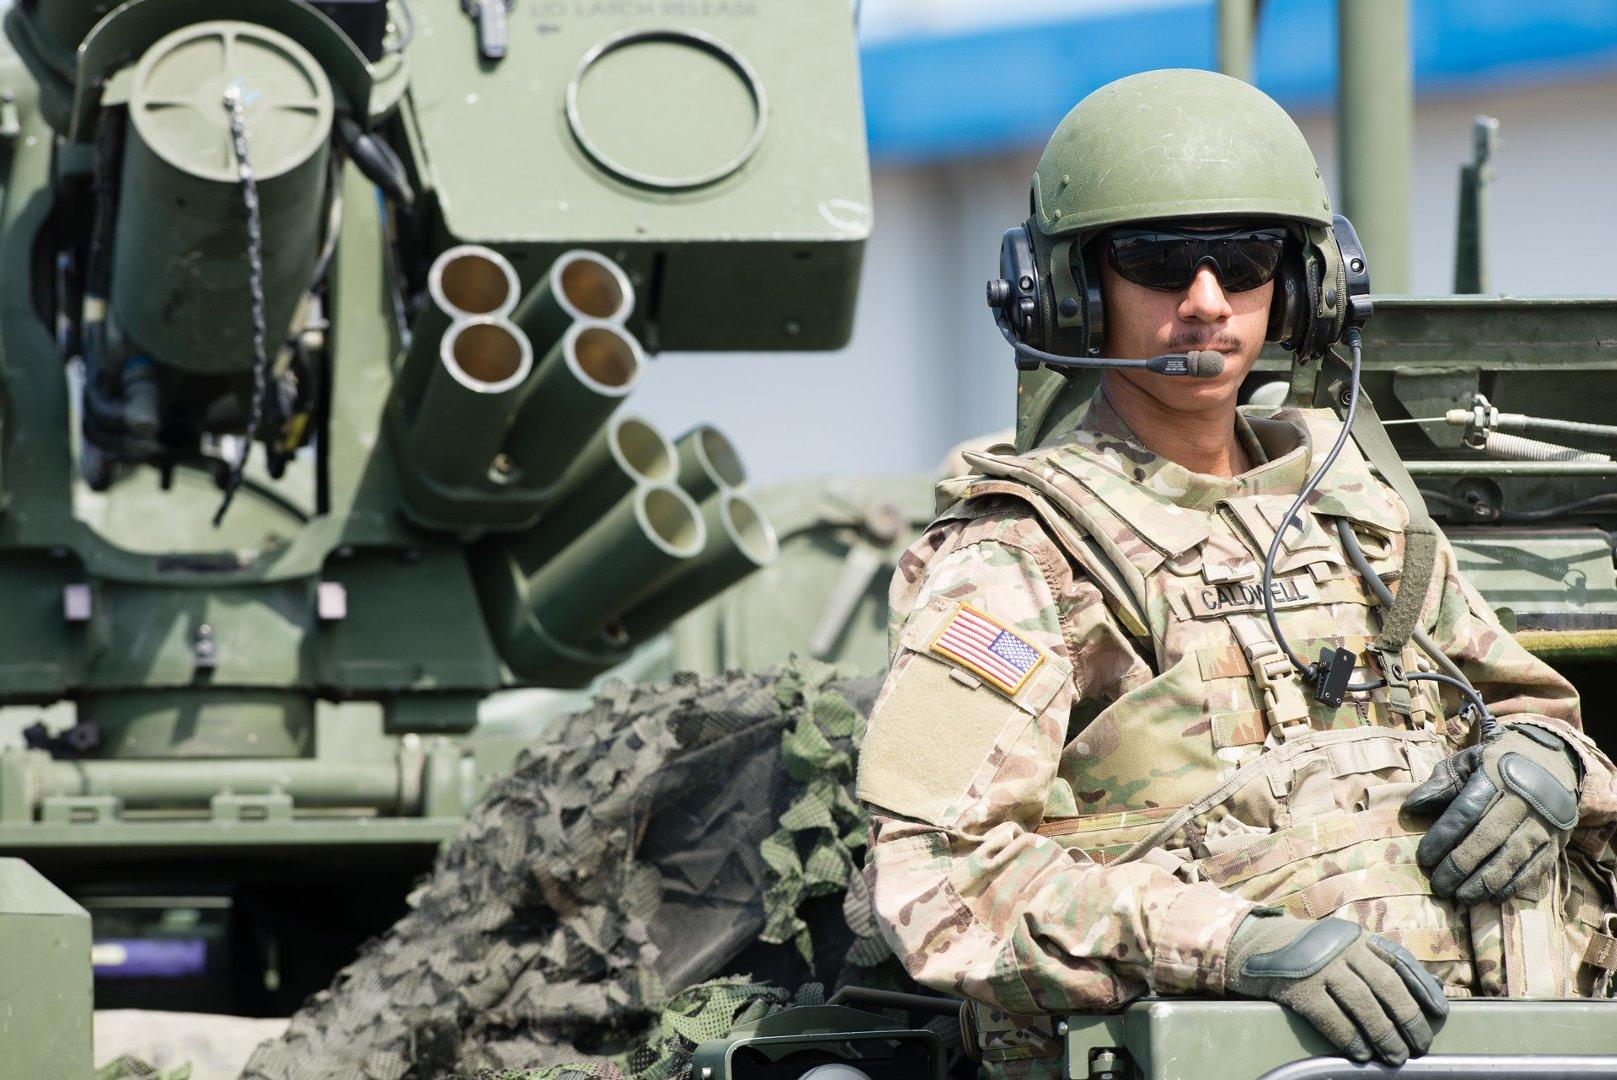 Zgłaszanie oszustw związanych z randkami wojskowymi